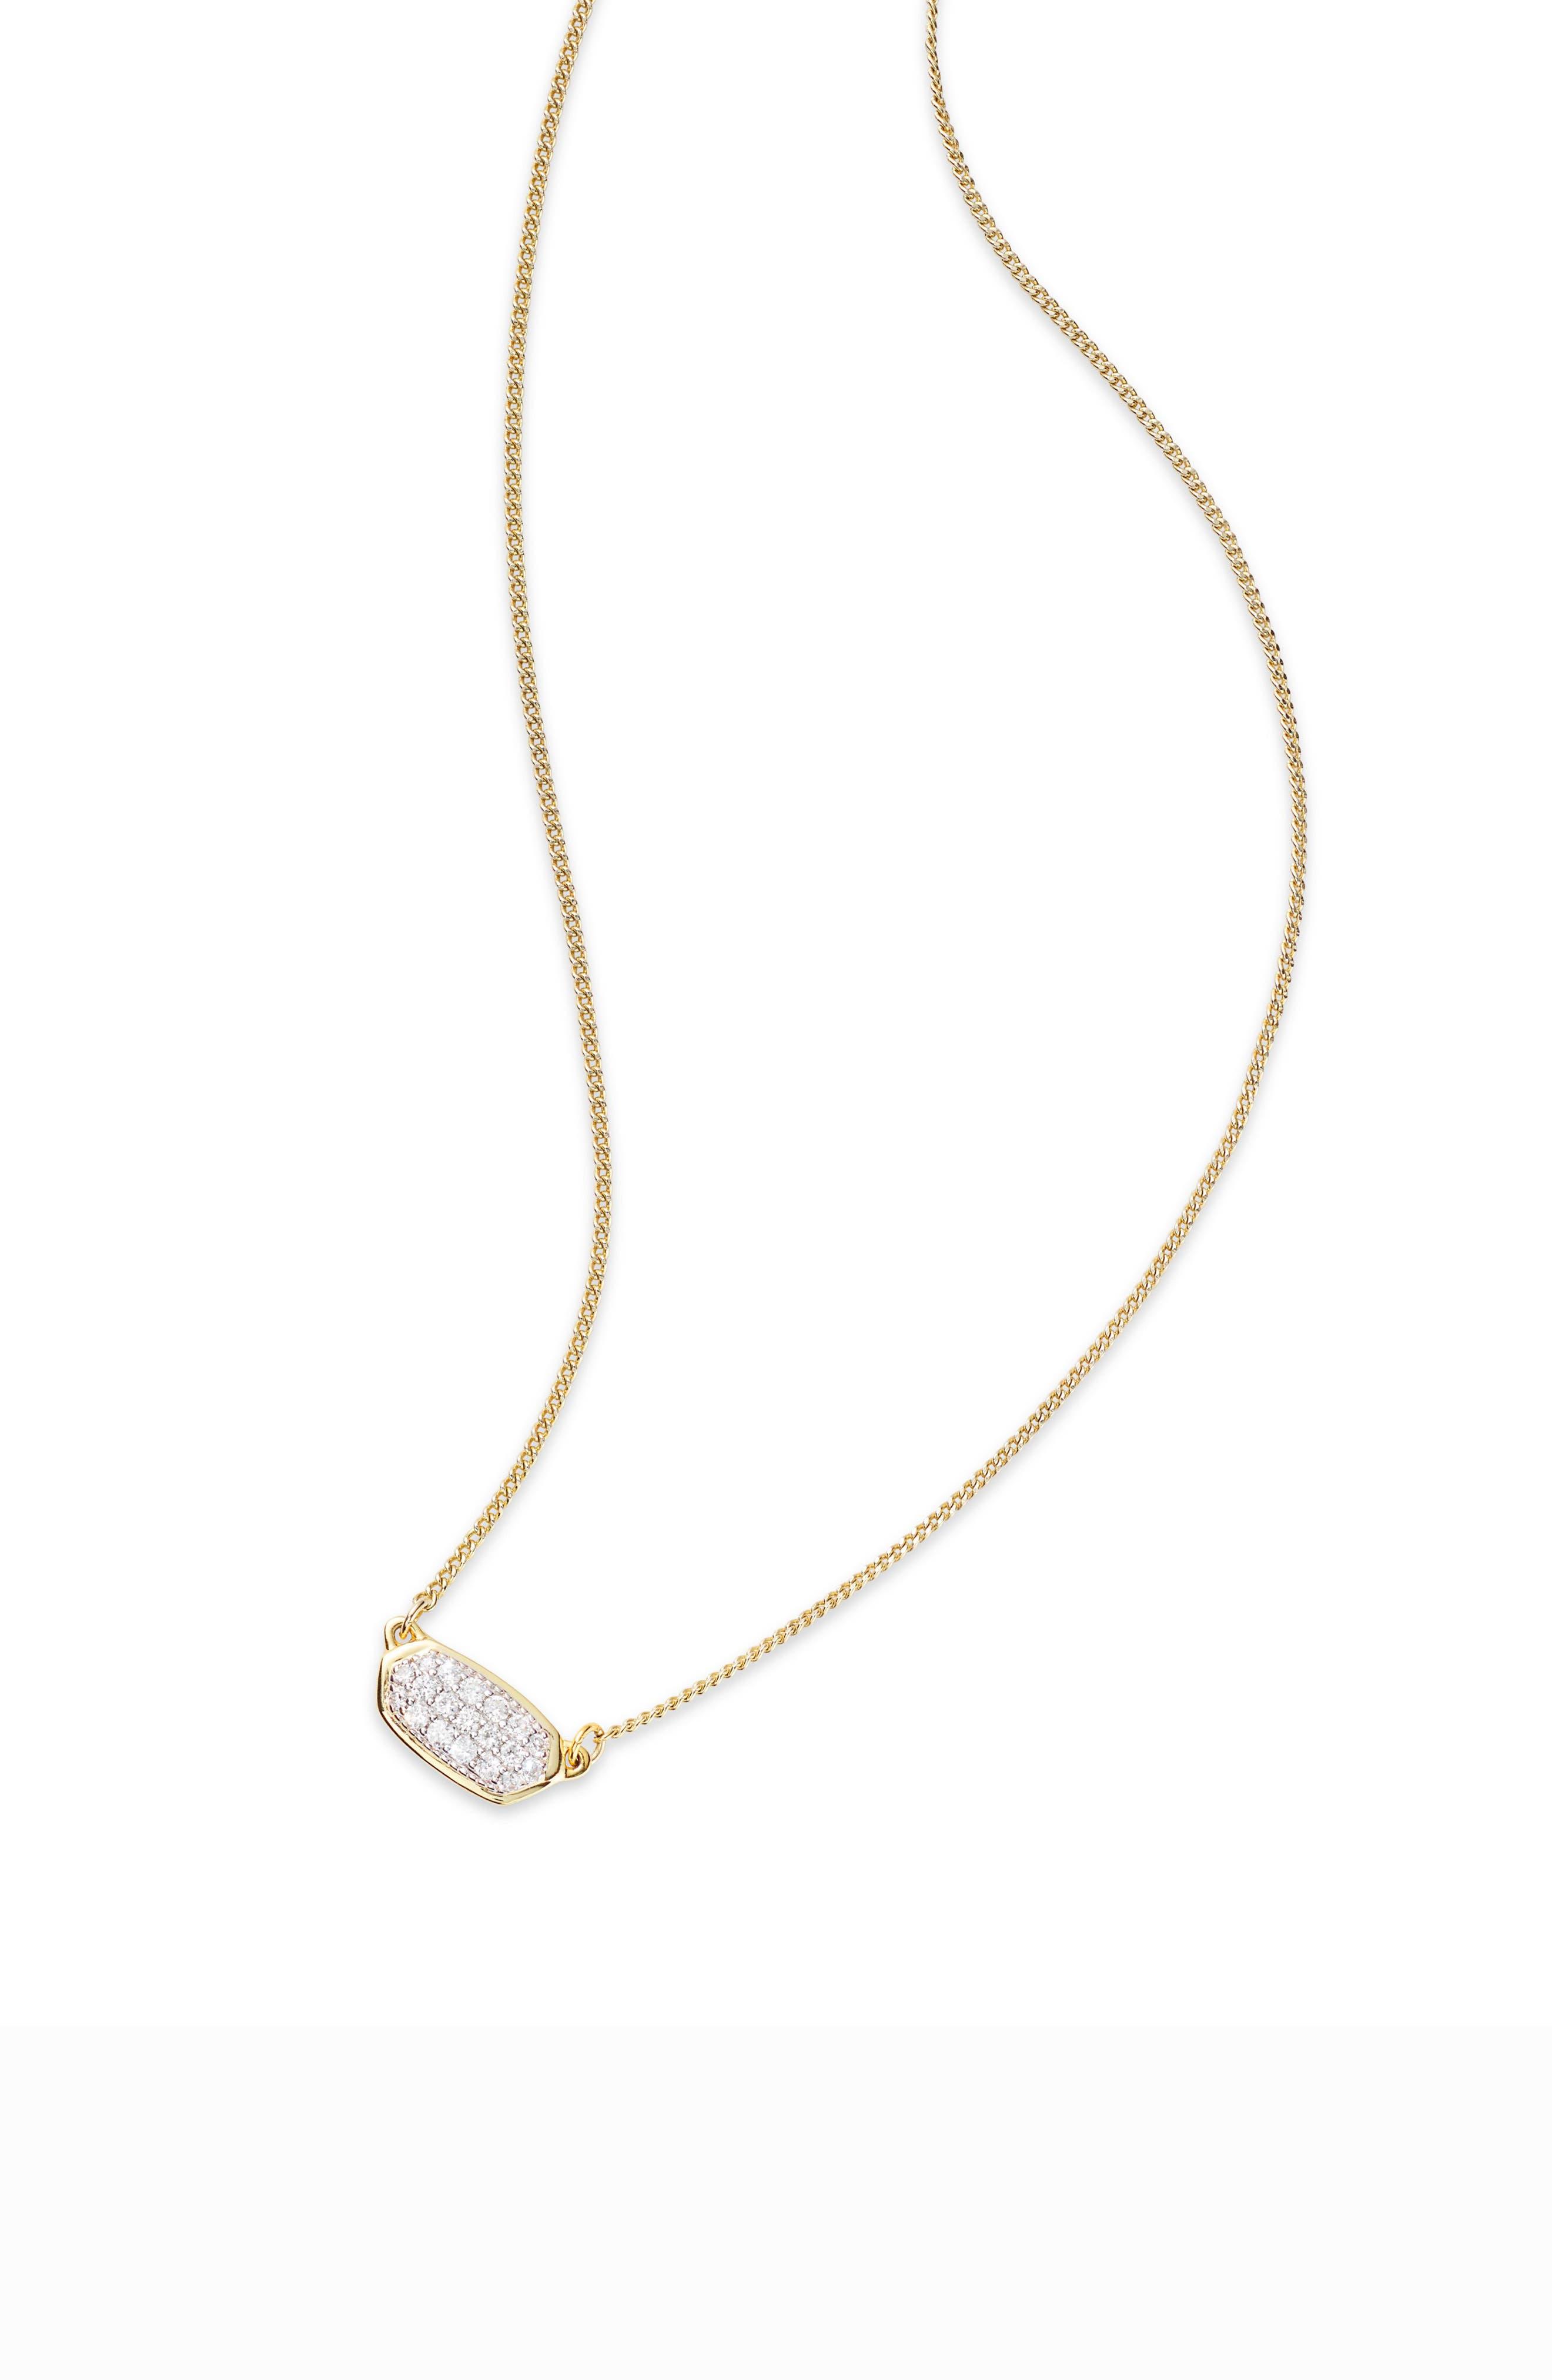 KENDRA SCOTT,                             Lisa Diamond & Gold Pendant Necklace,                             Main thumbnail 1, color,                             14K GOLD WHITE DIAMOND